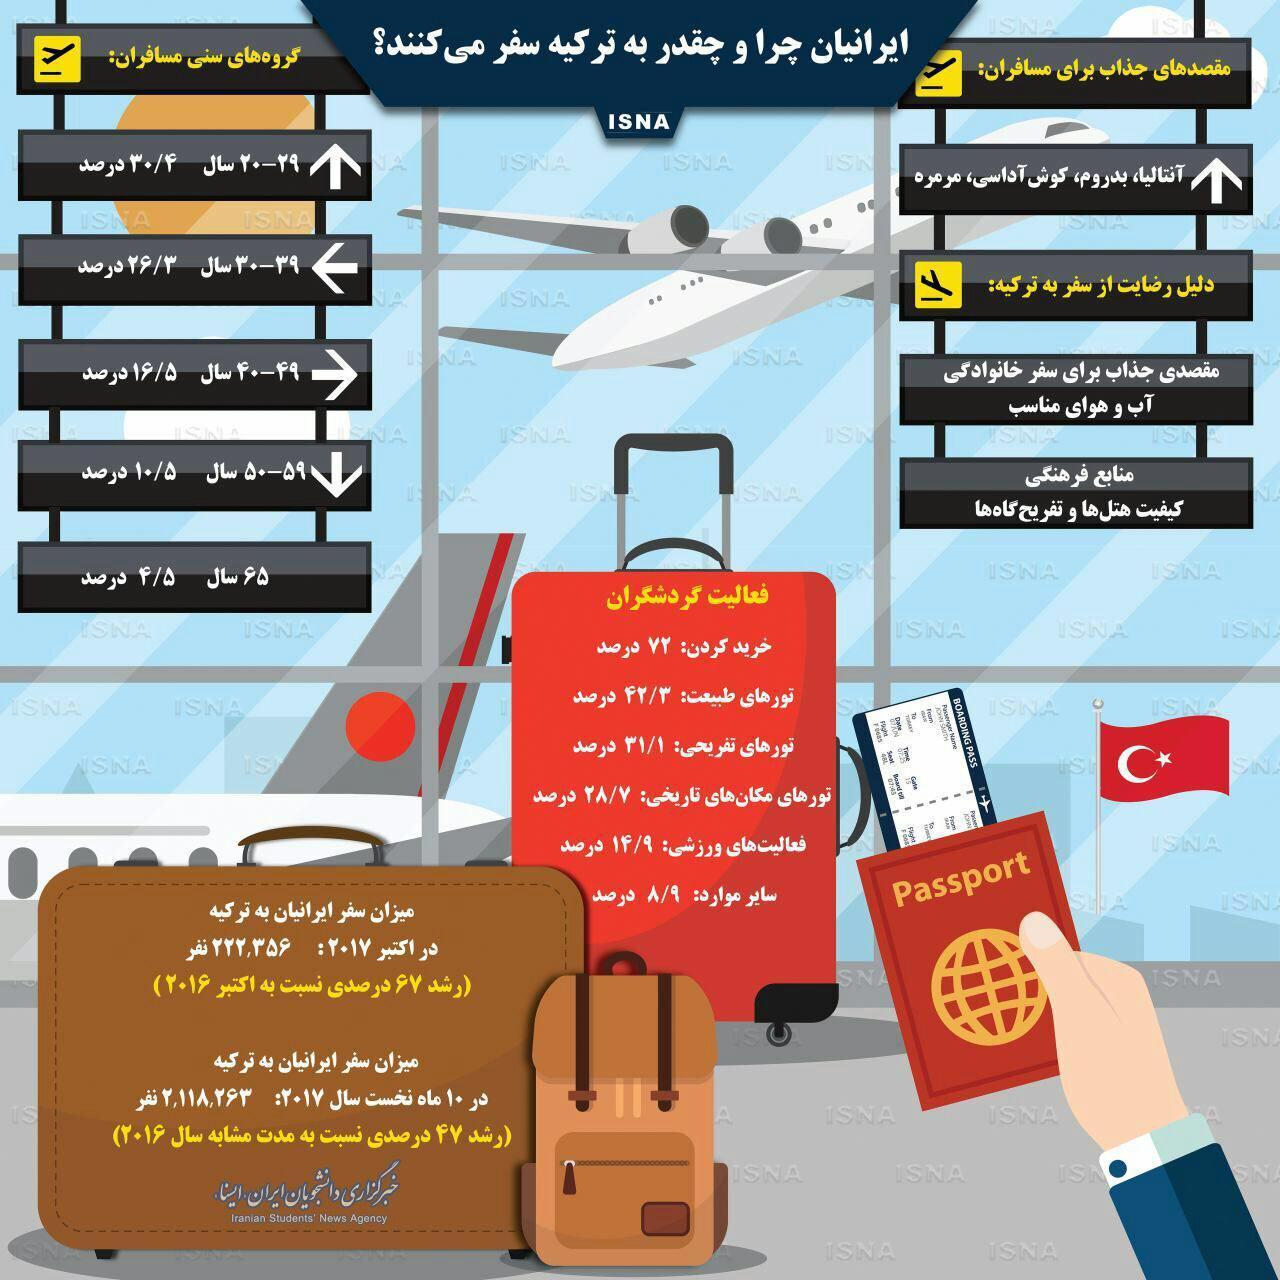 اینفوگرافیک/ ایرانیان چرا و چقدر به ترکیه سفر میکنند؟